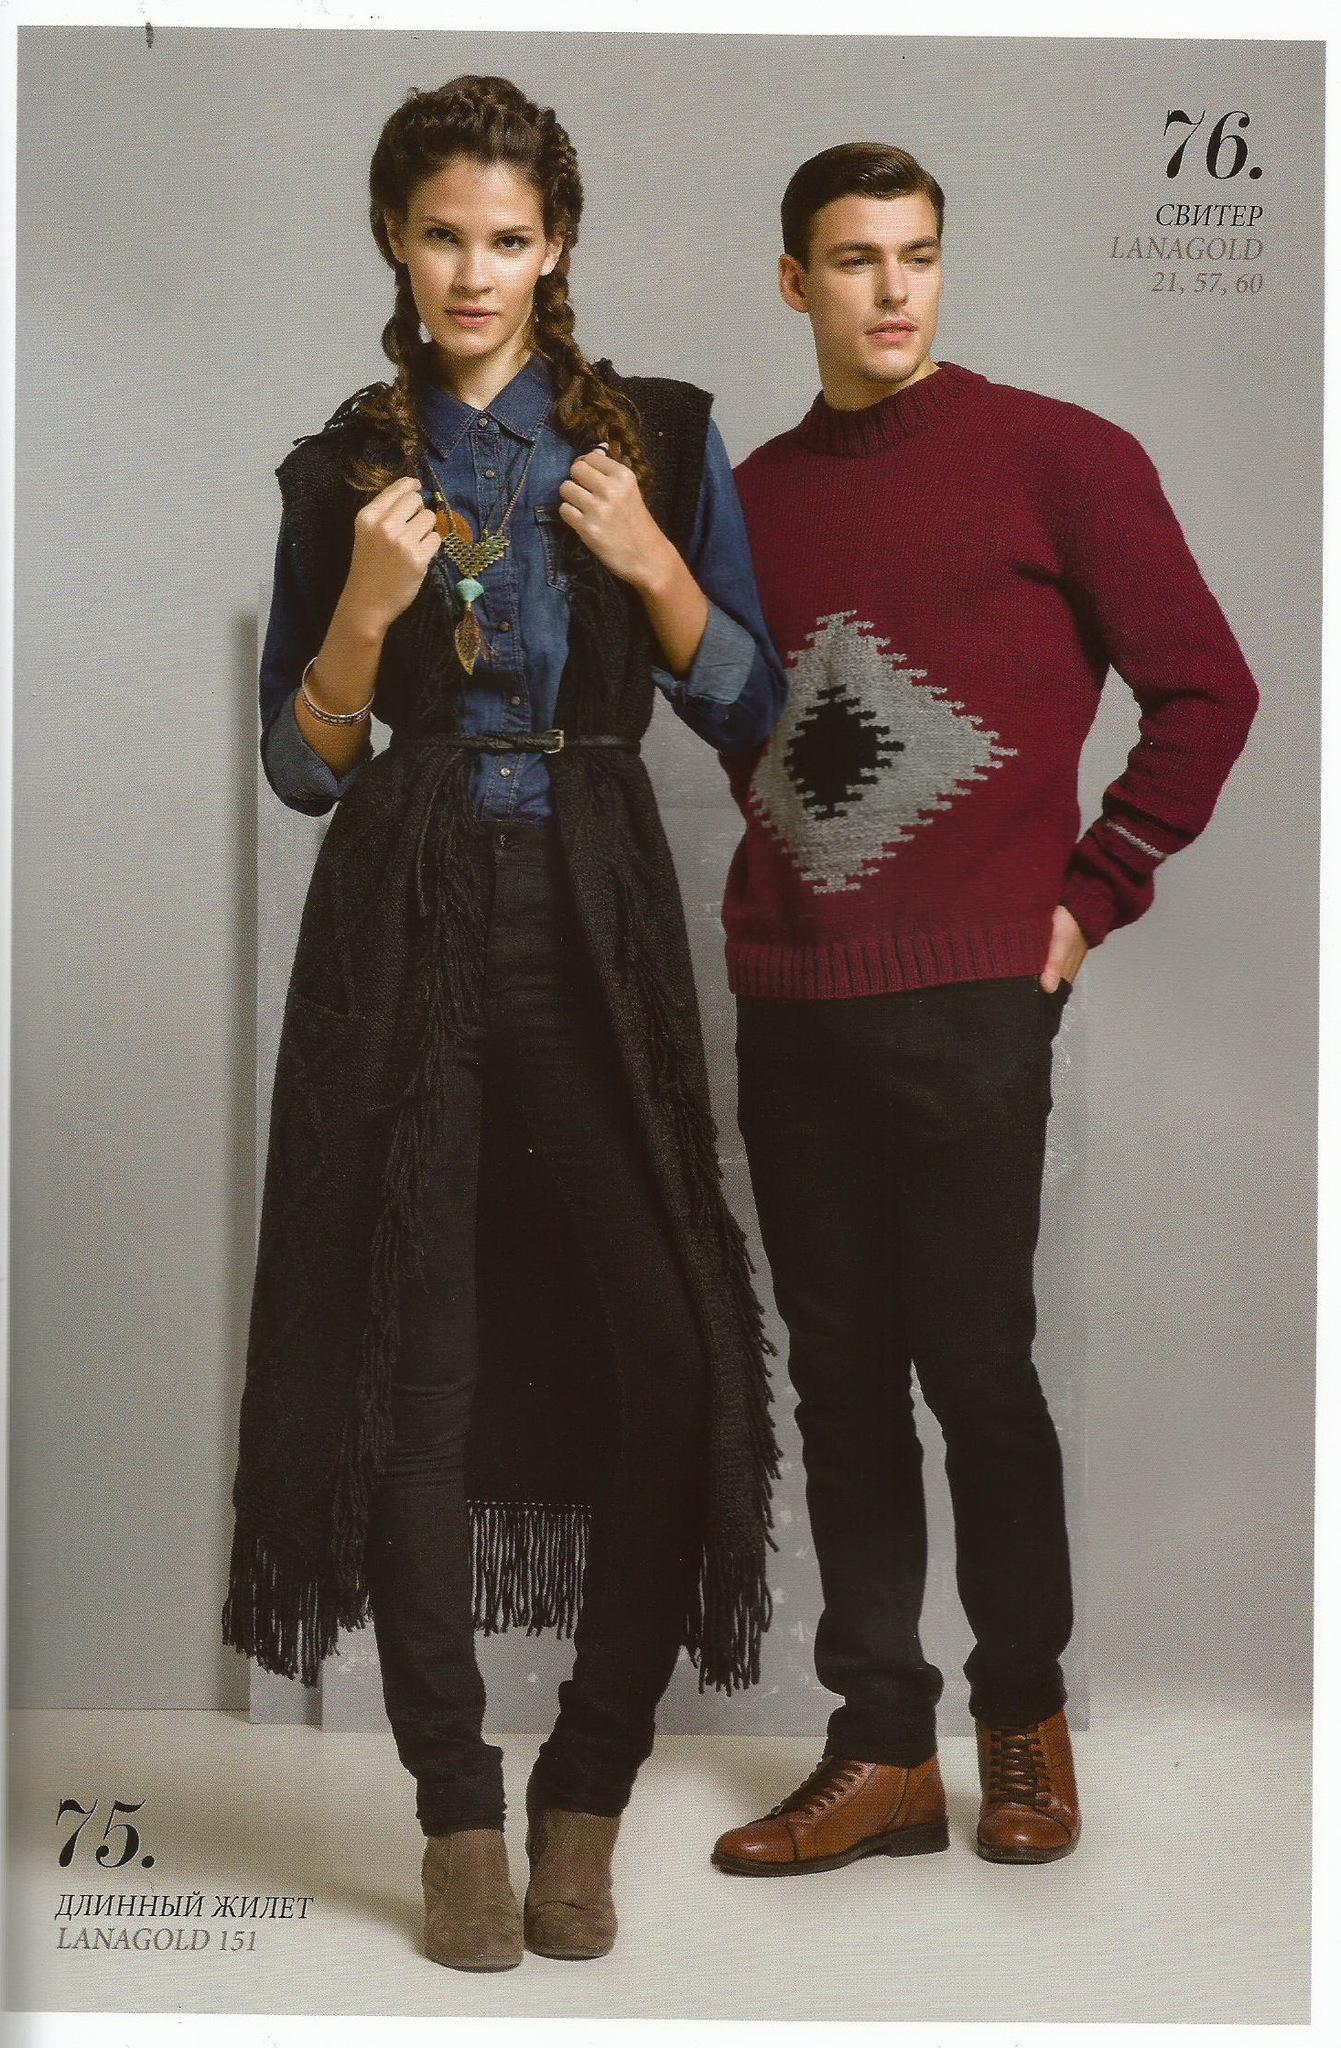 Женский длинный жилет и мужской свитер из Lanagold!